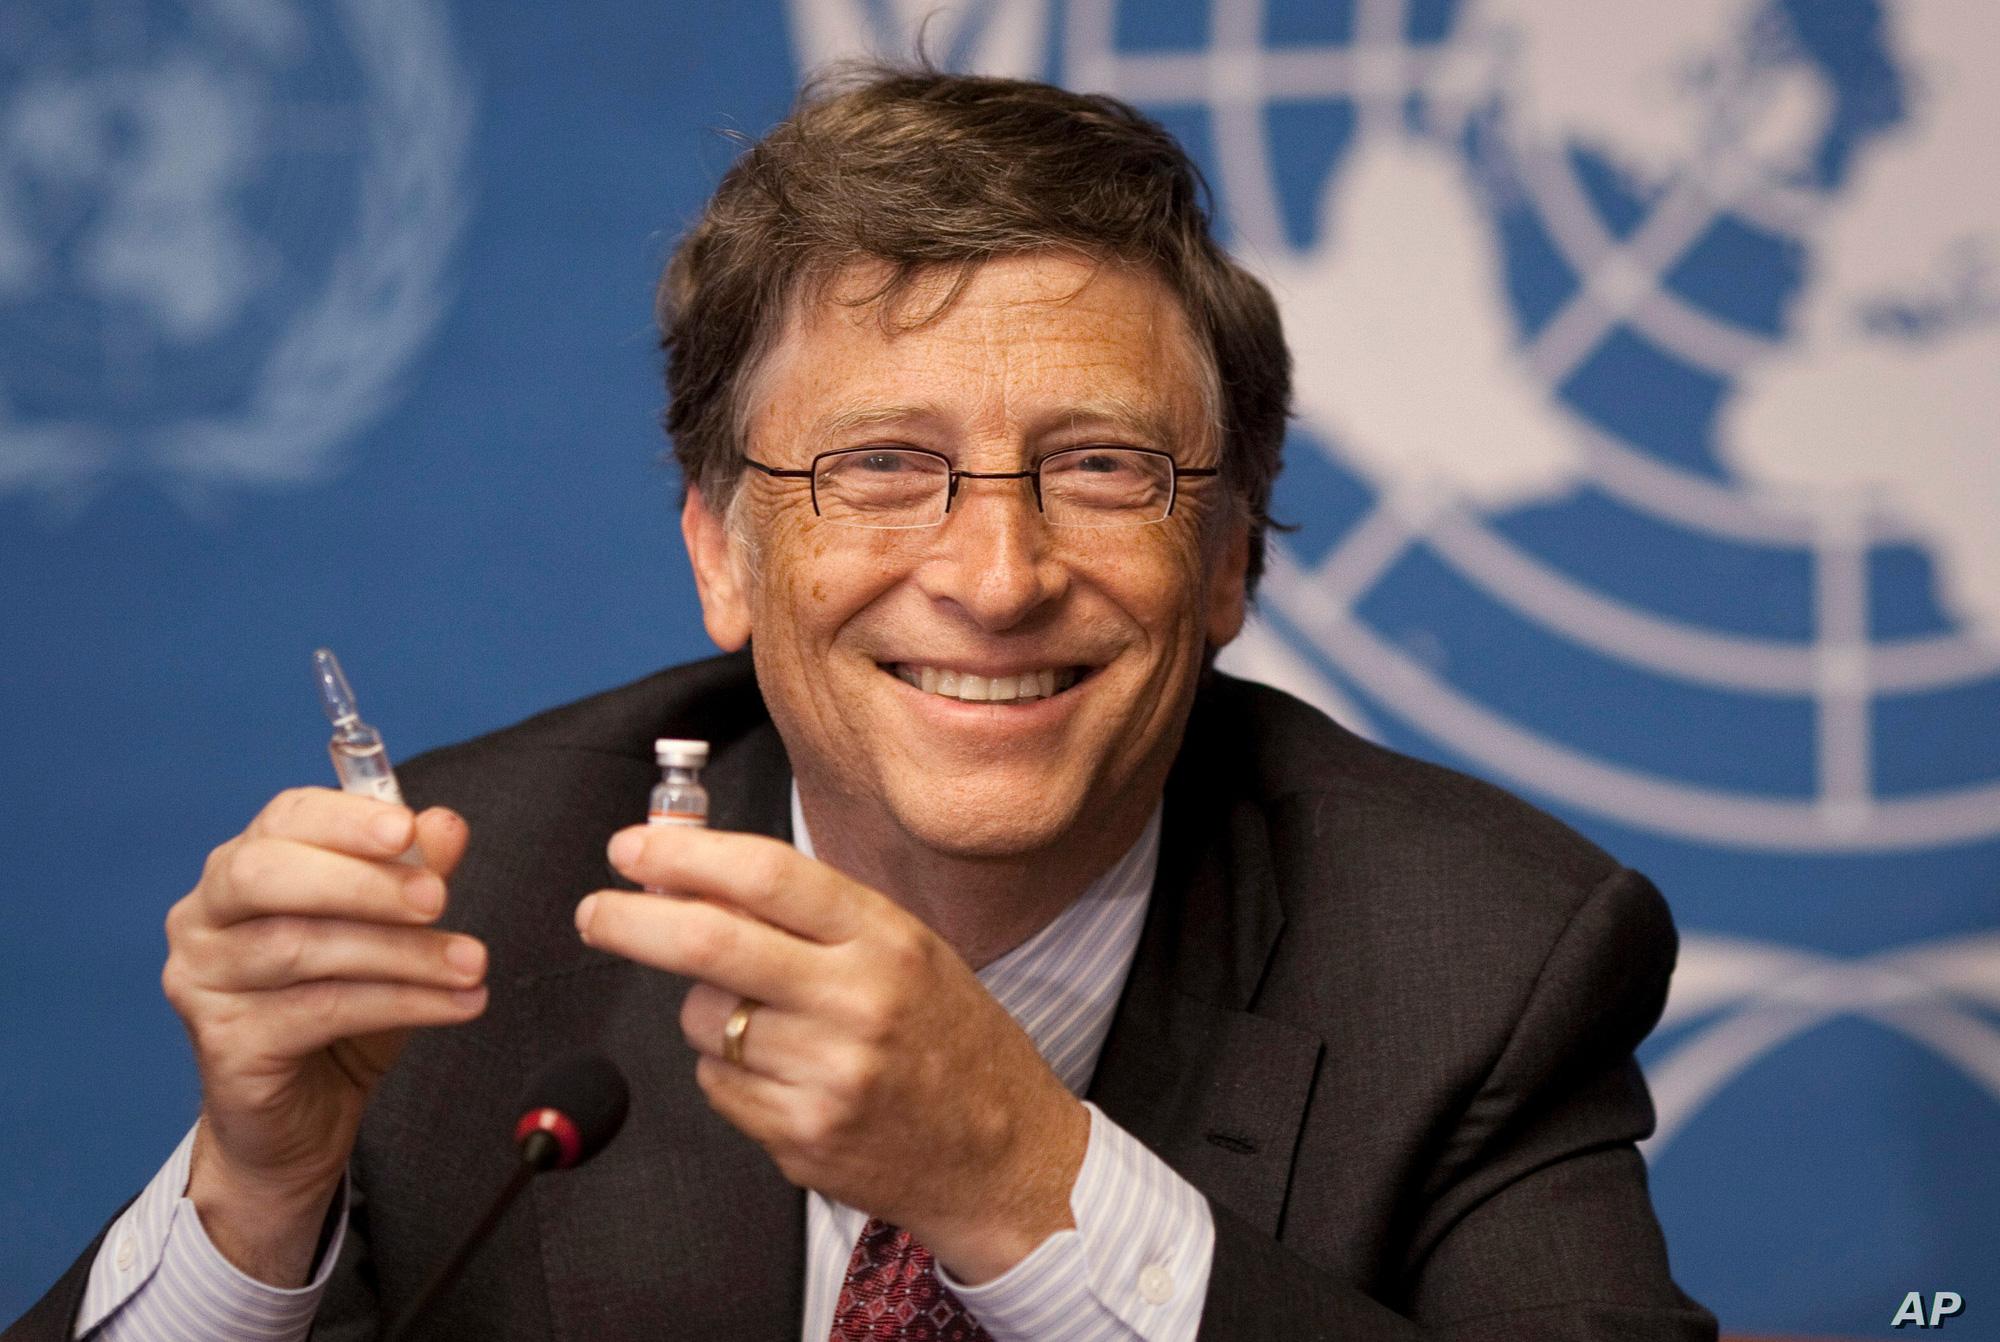 Bill Gates chi trăm triệu USD để đưa vaccine Covid-19 đến các nước nghèo sớm nhất - Ảnh 1.